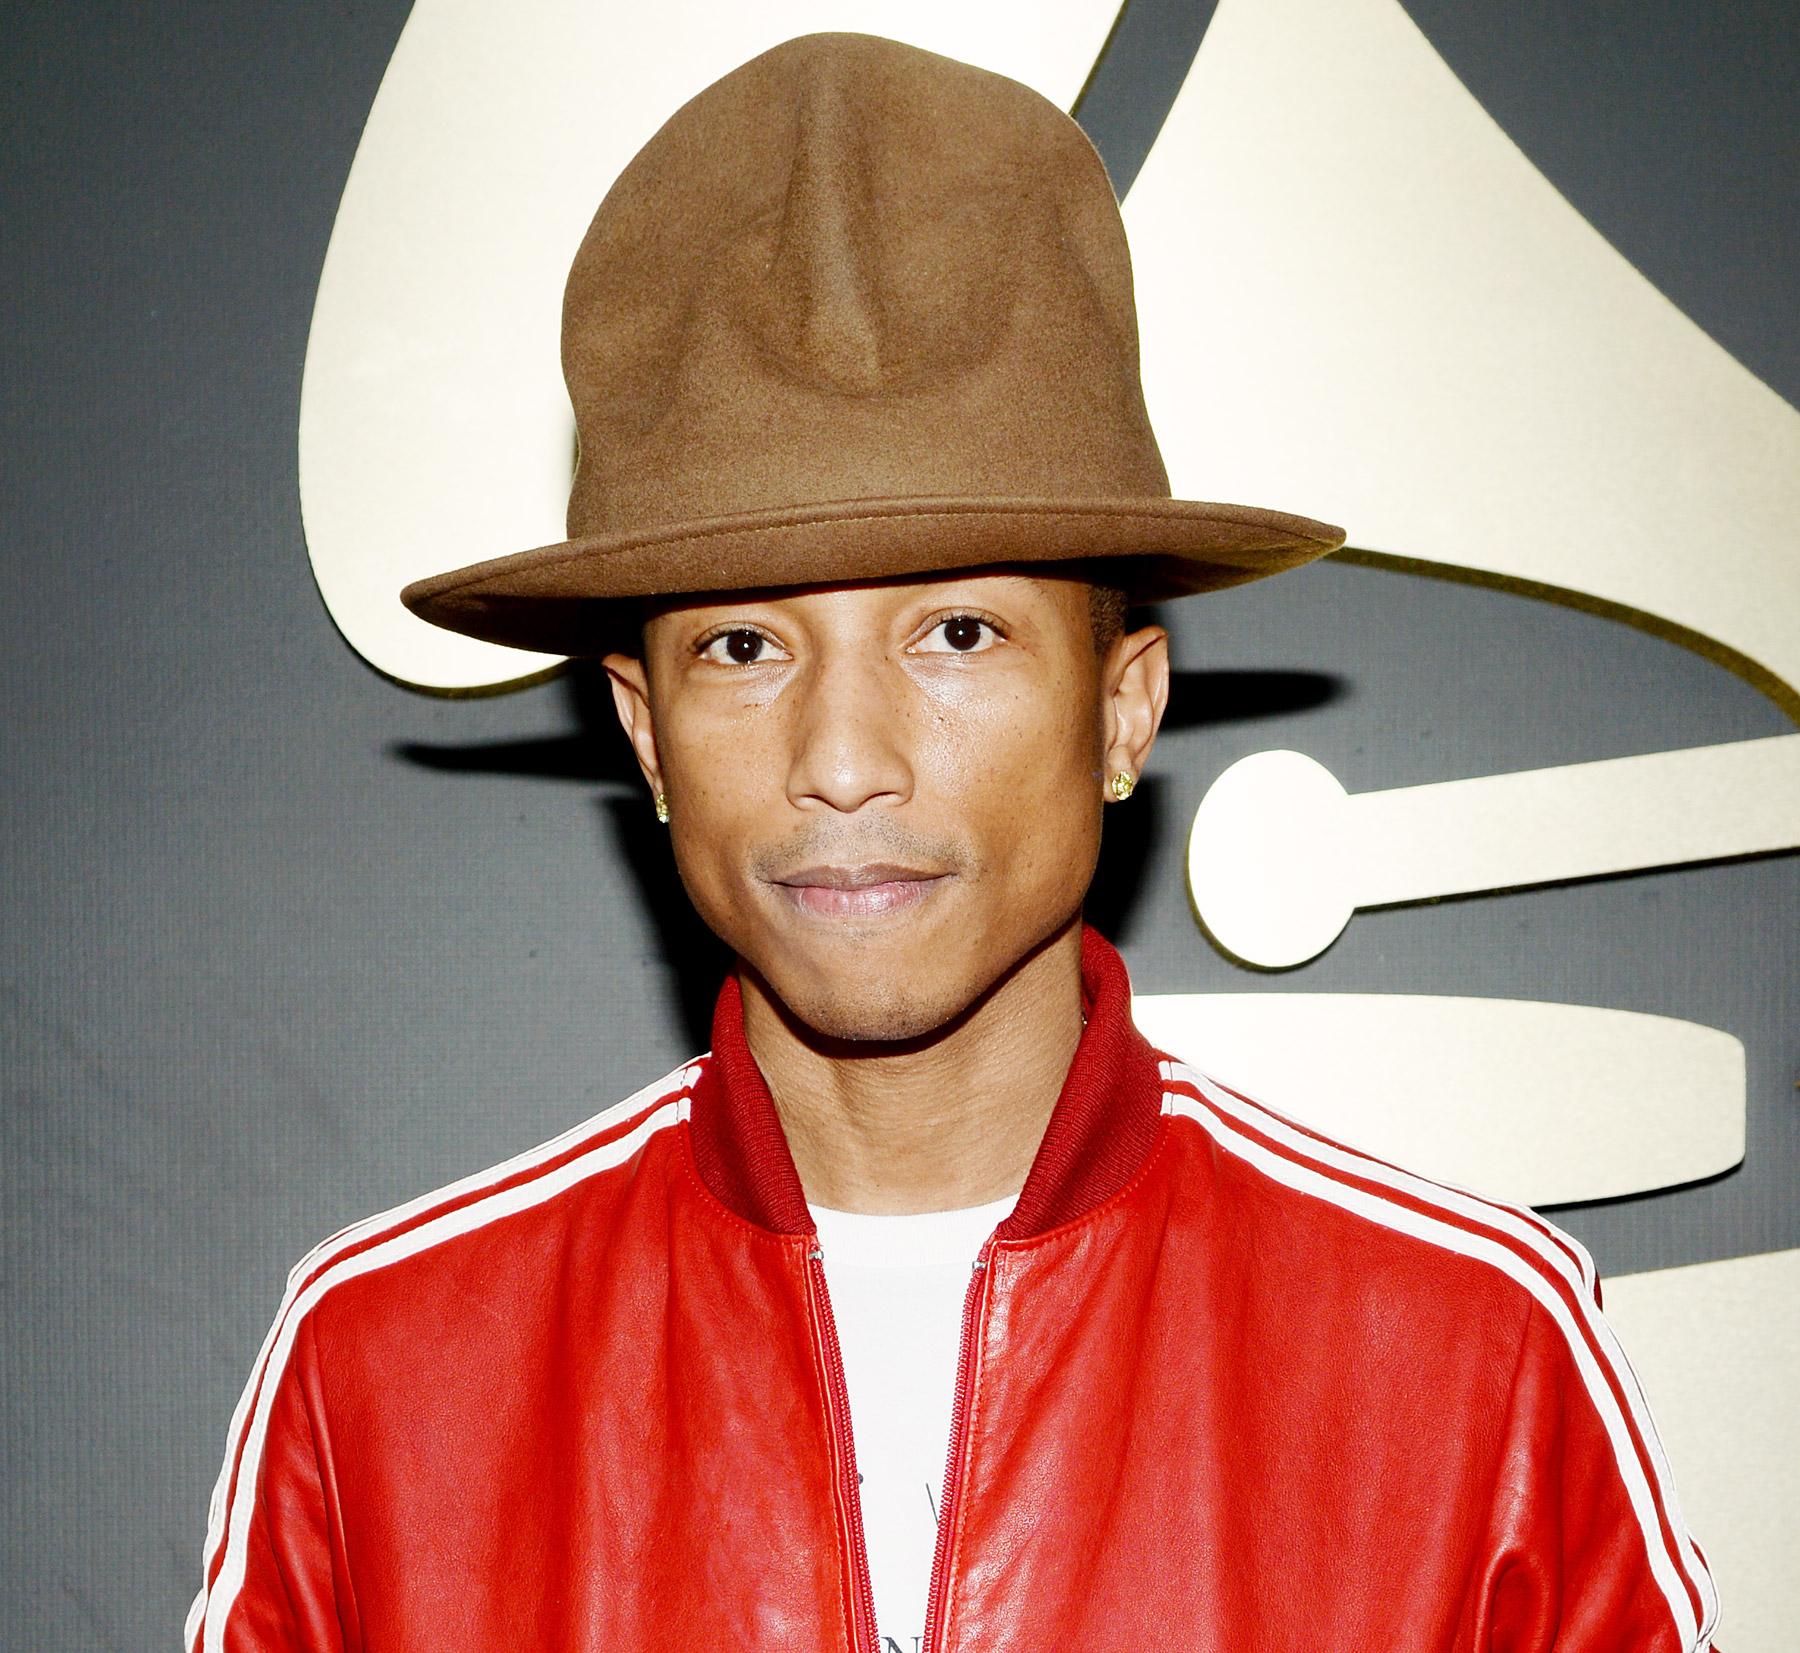 Singer Pharrell Williams  - age: 44